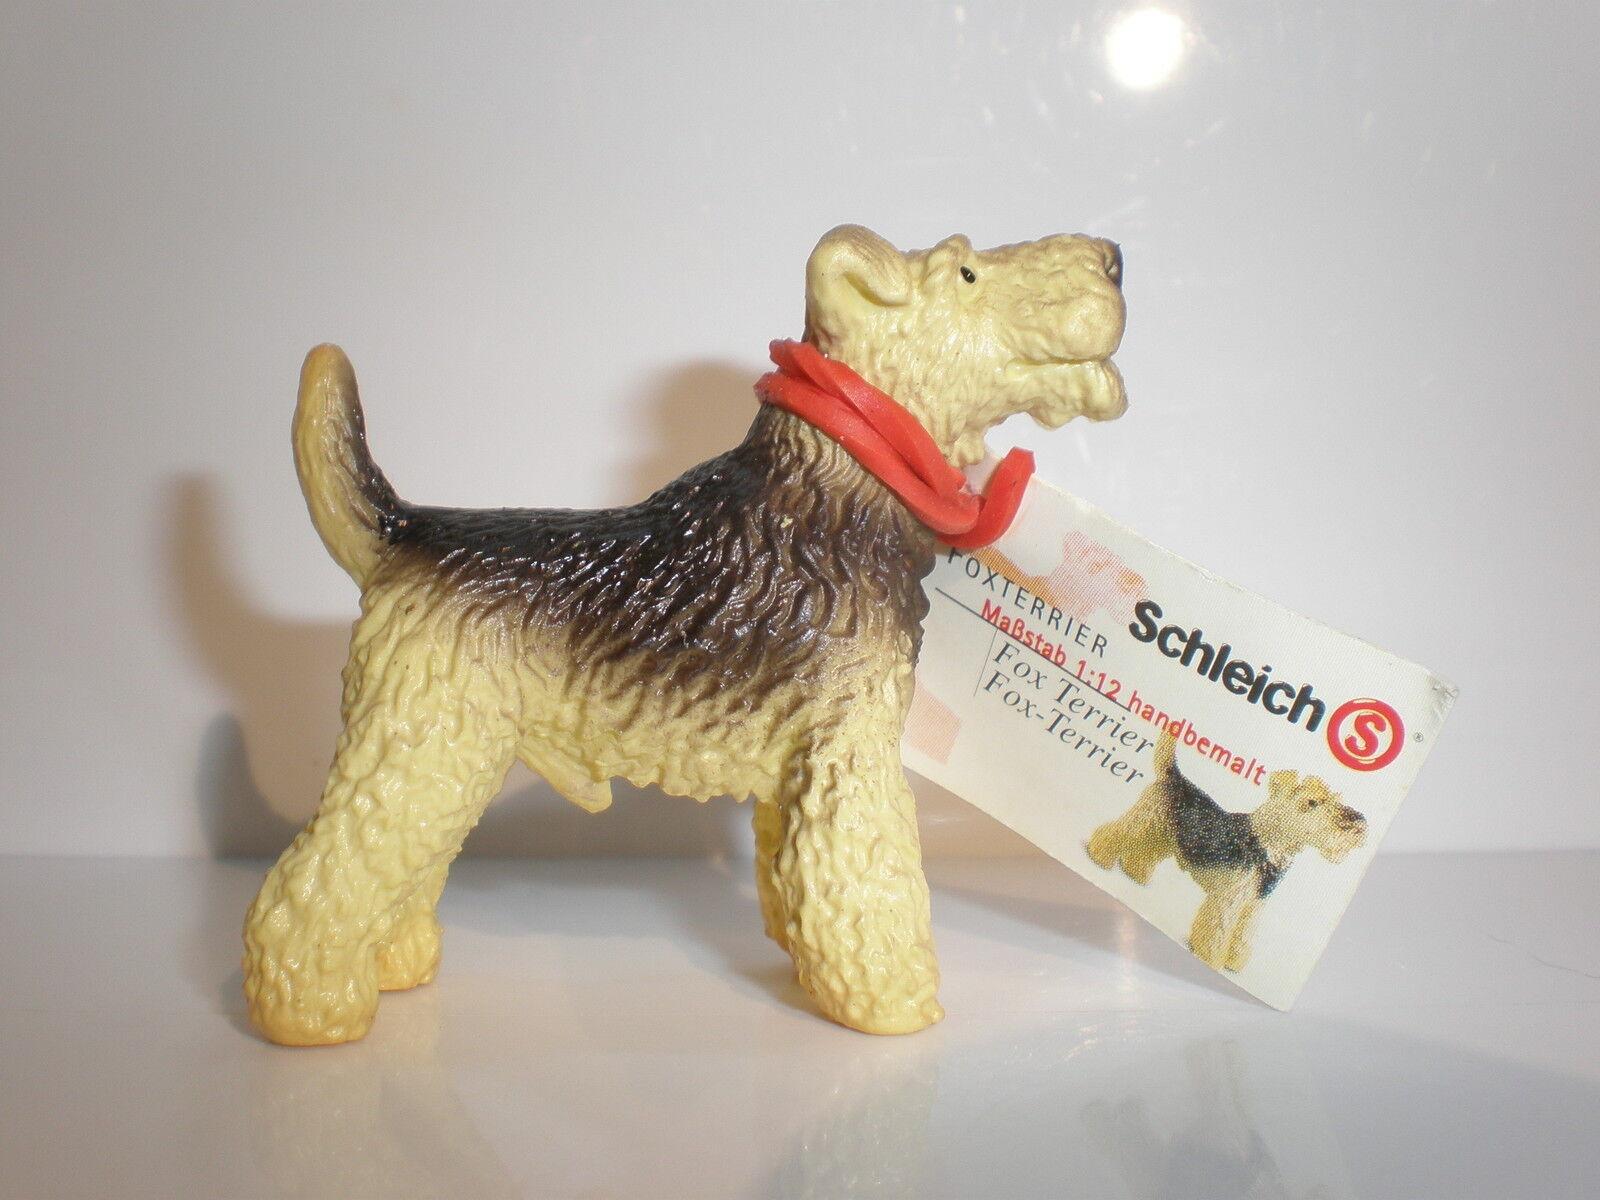 16310  Schleich Dog  Fox Terrier   with booklet  ref 6P4